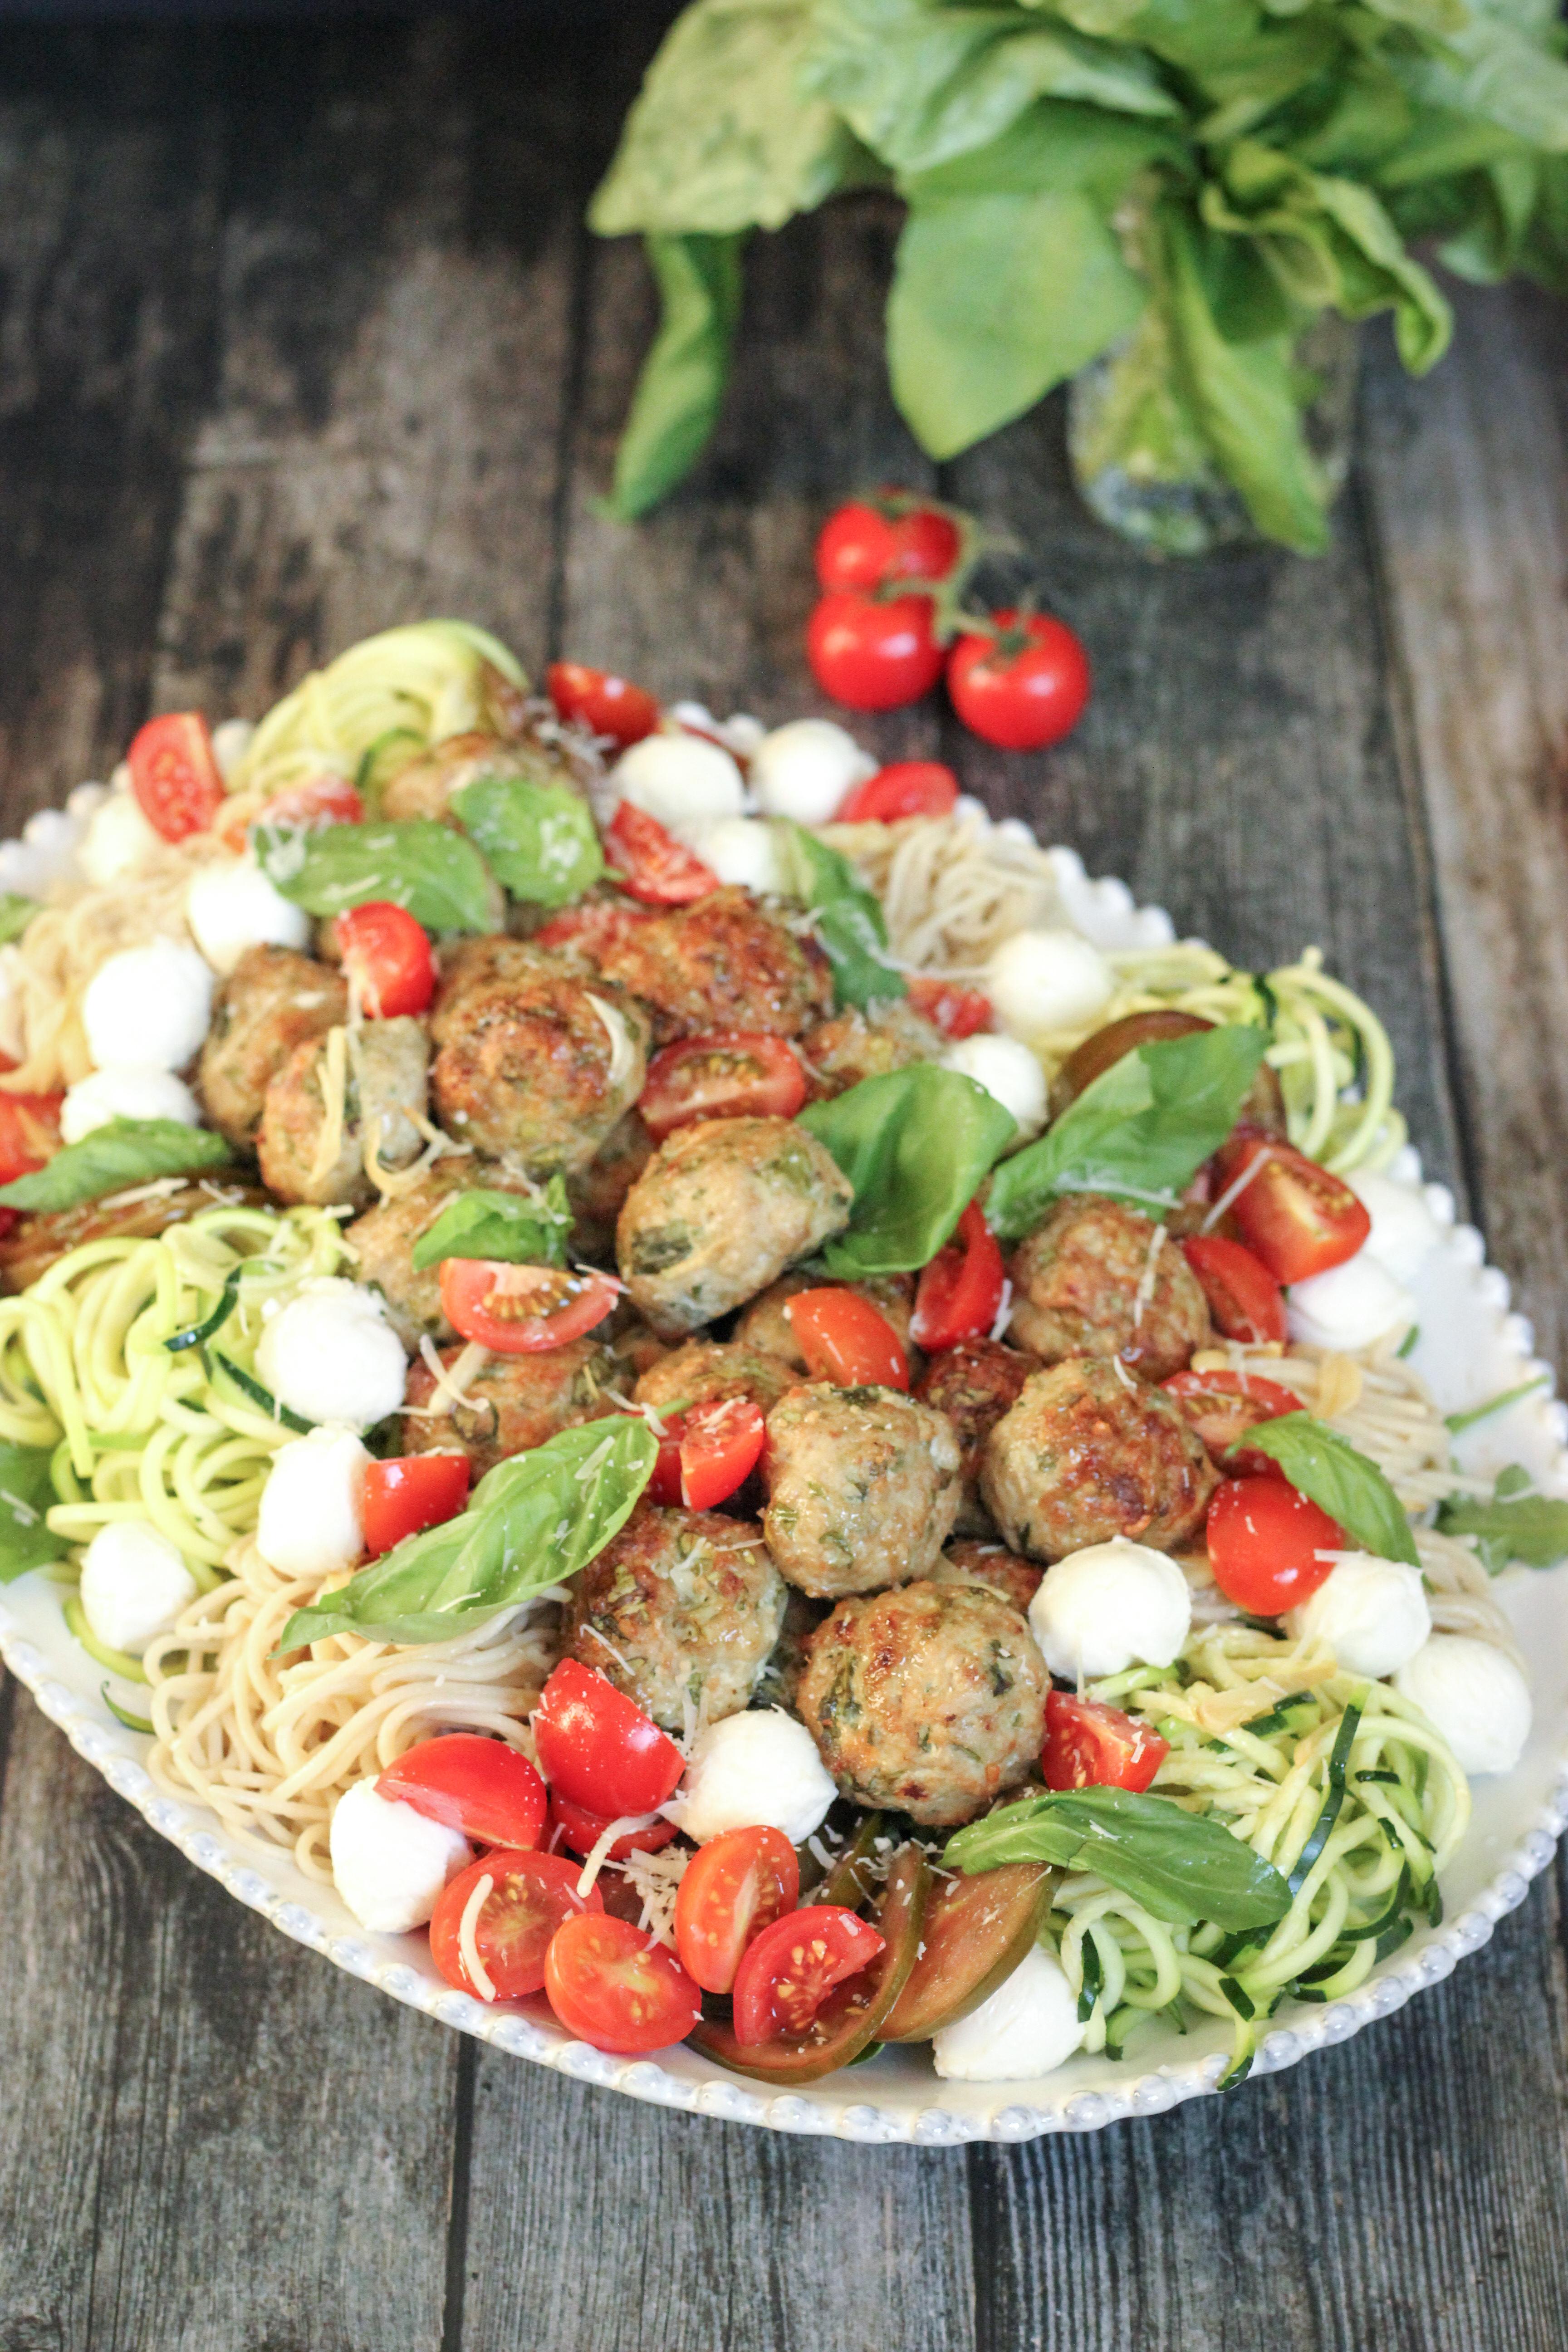 Chicken Arugula Meatball Platter